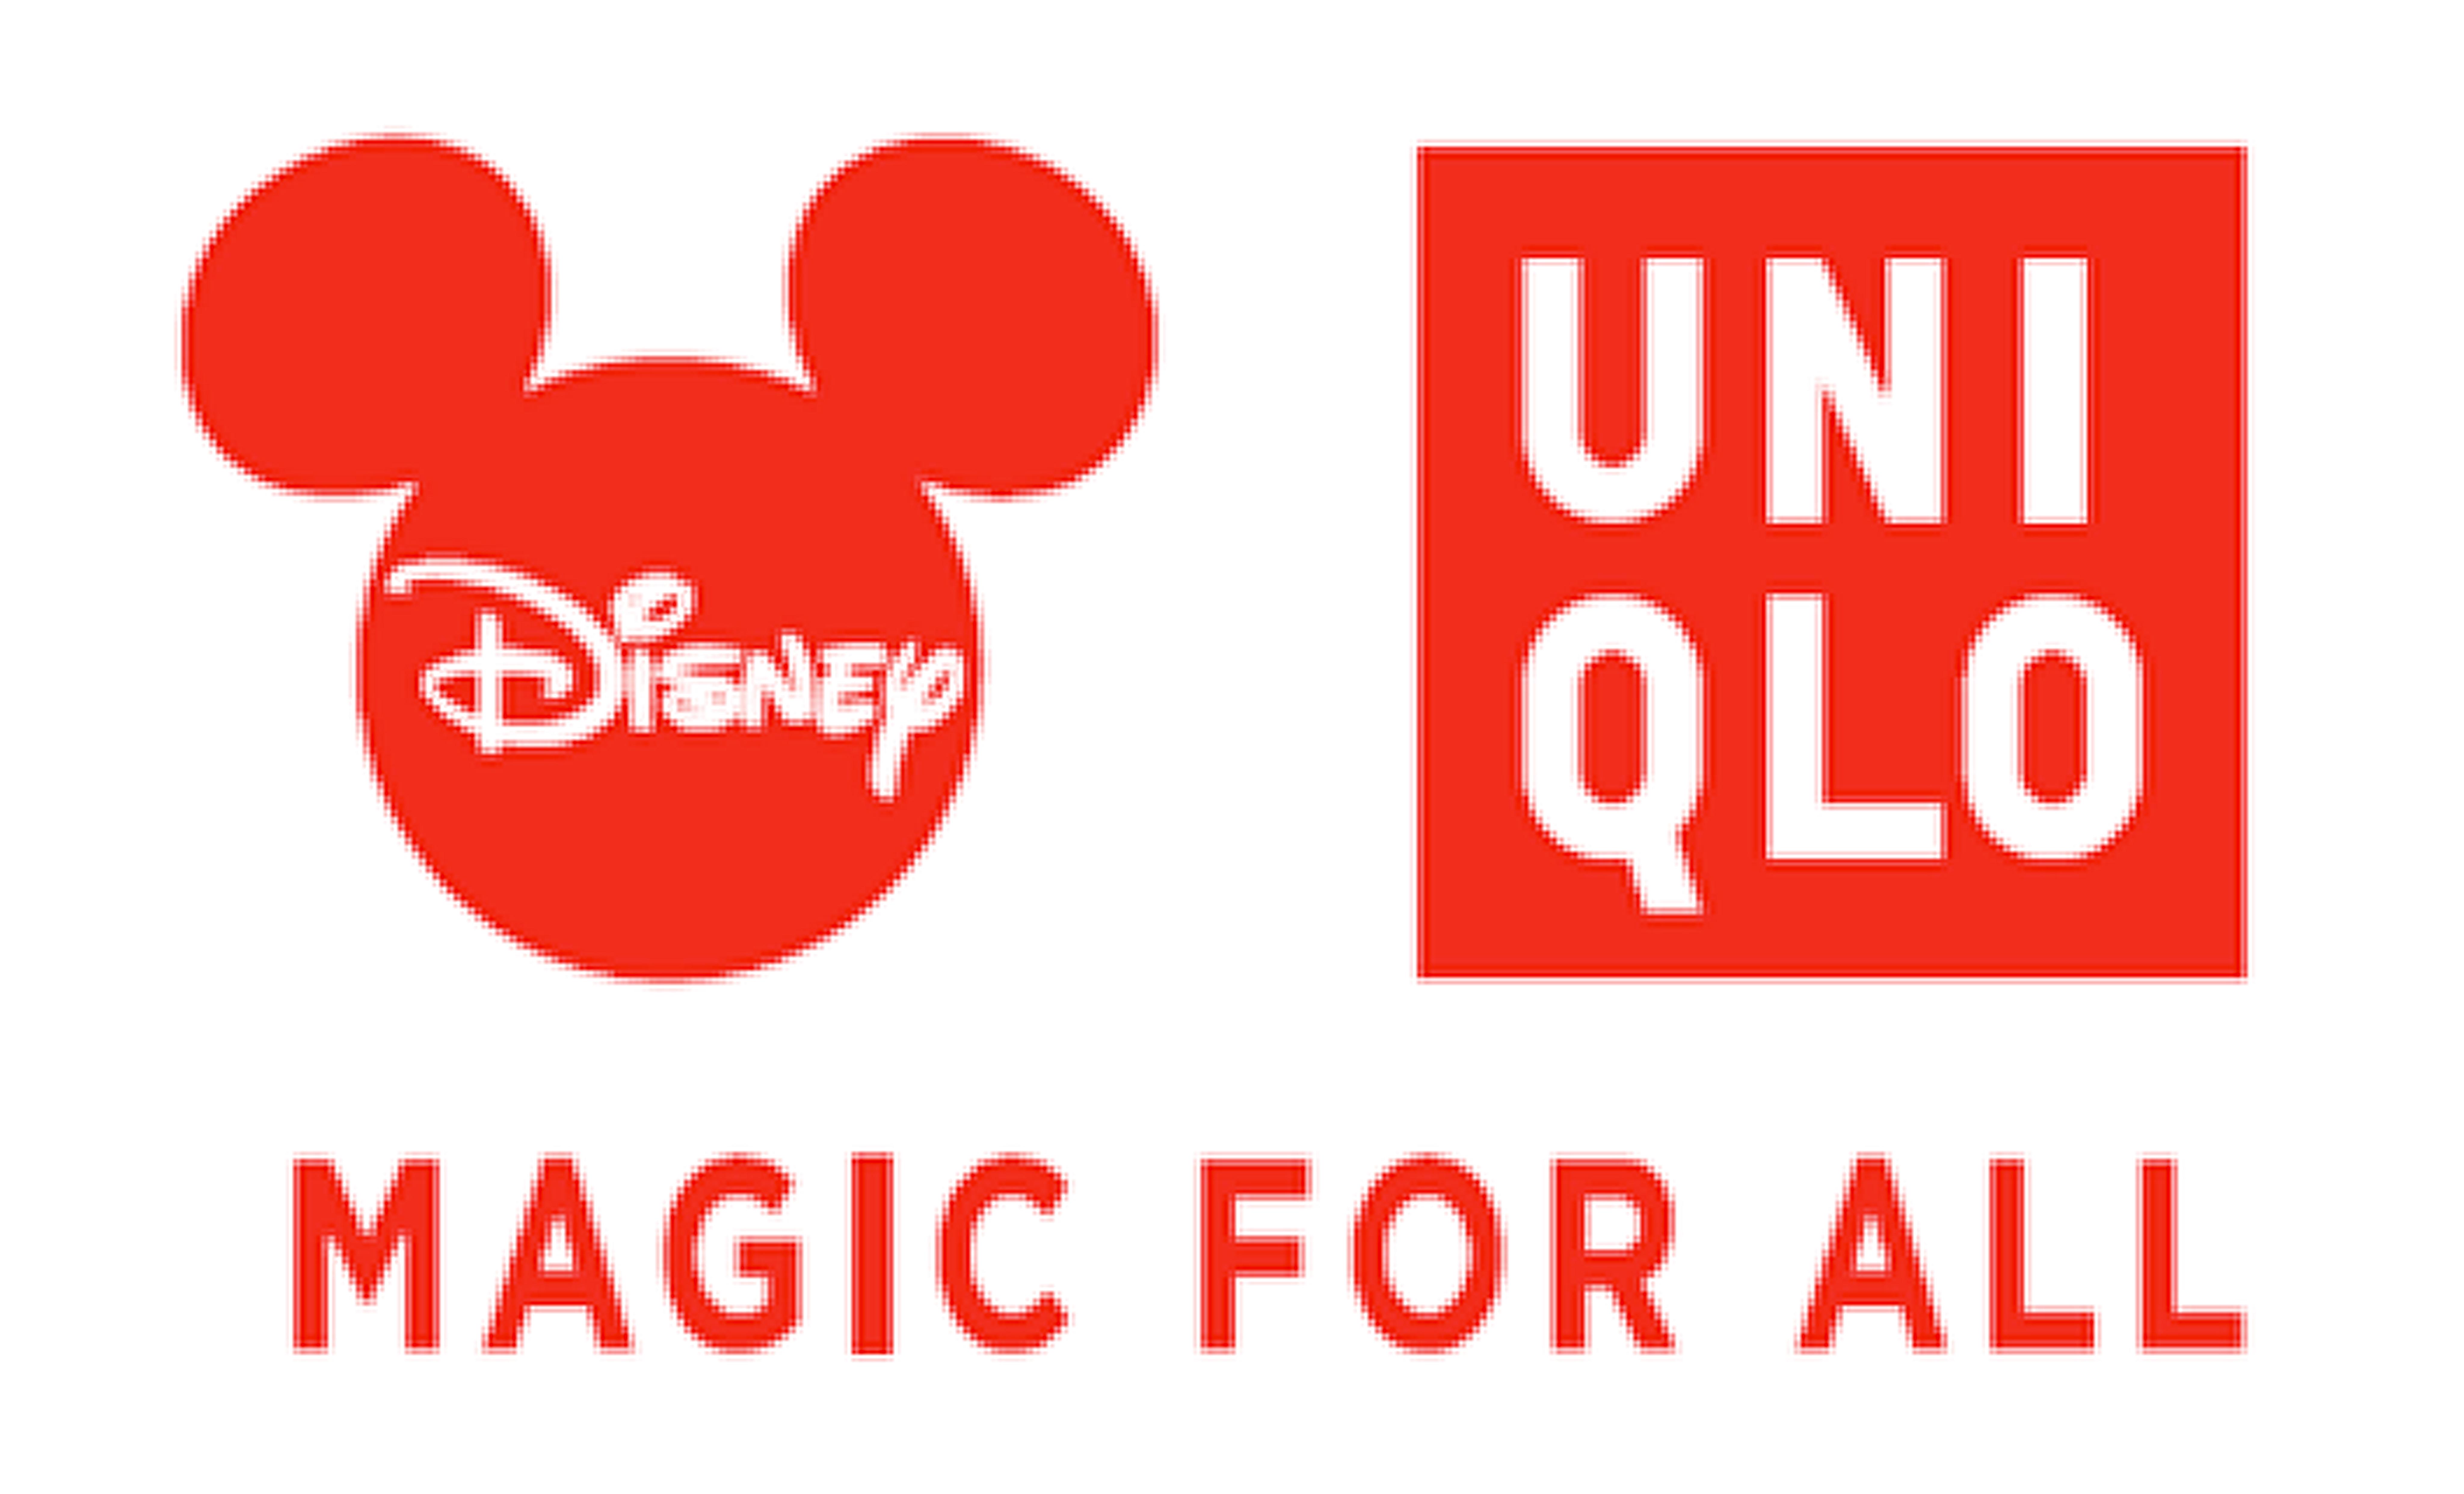 ユニクロ「magic for all」プロジェクトを始動 | fast retailing co., ltd.